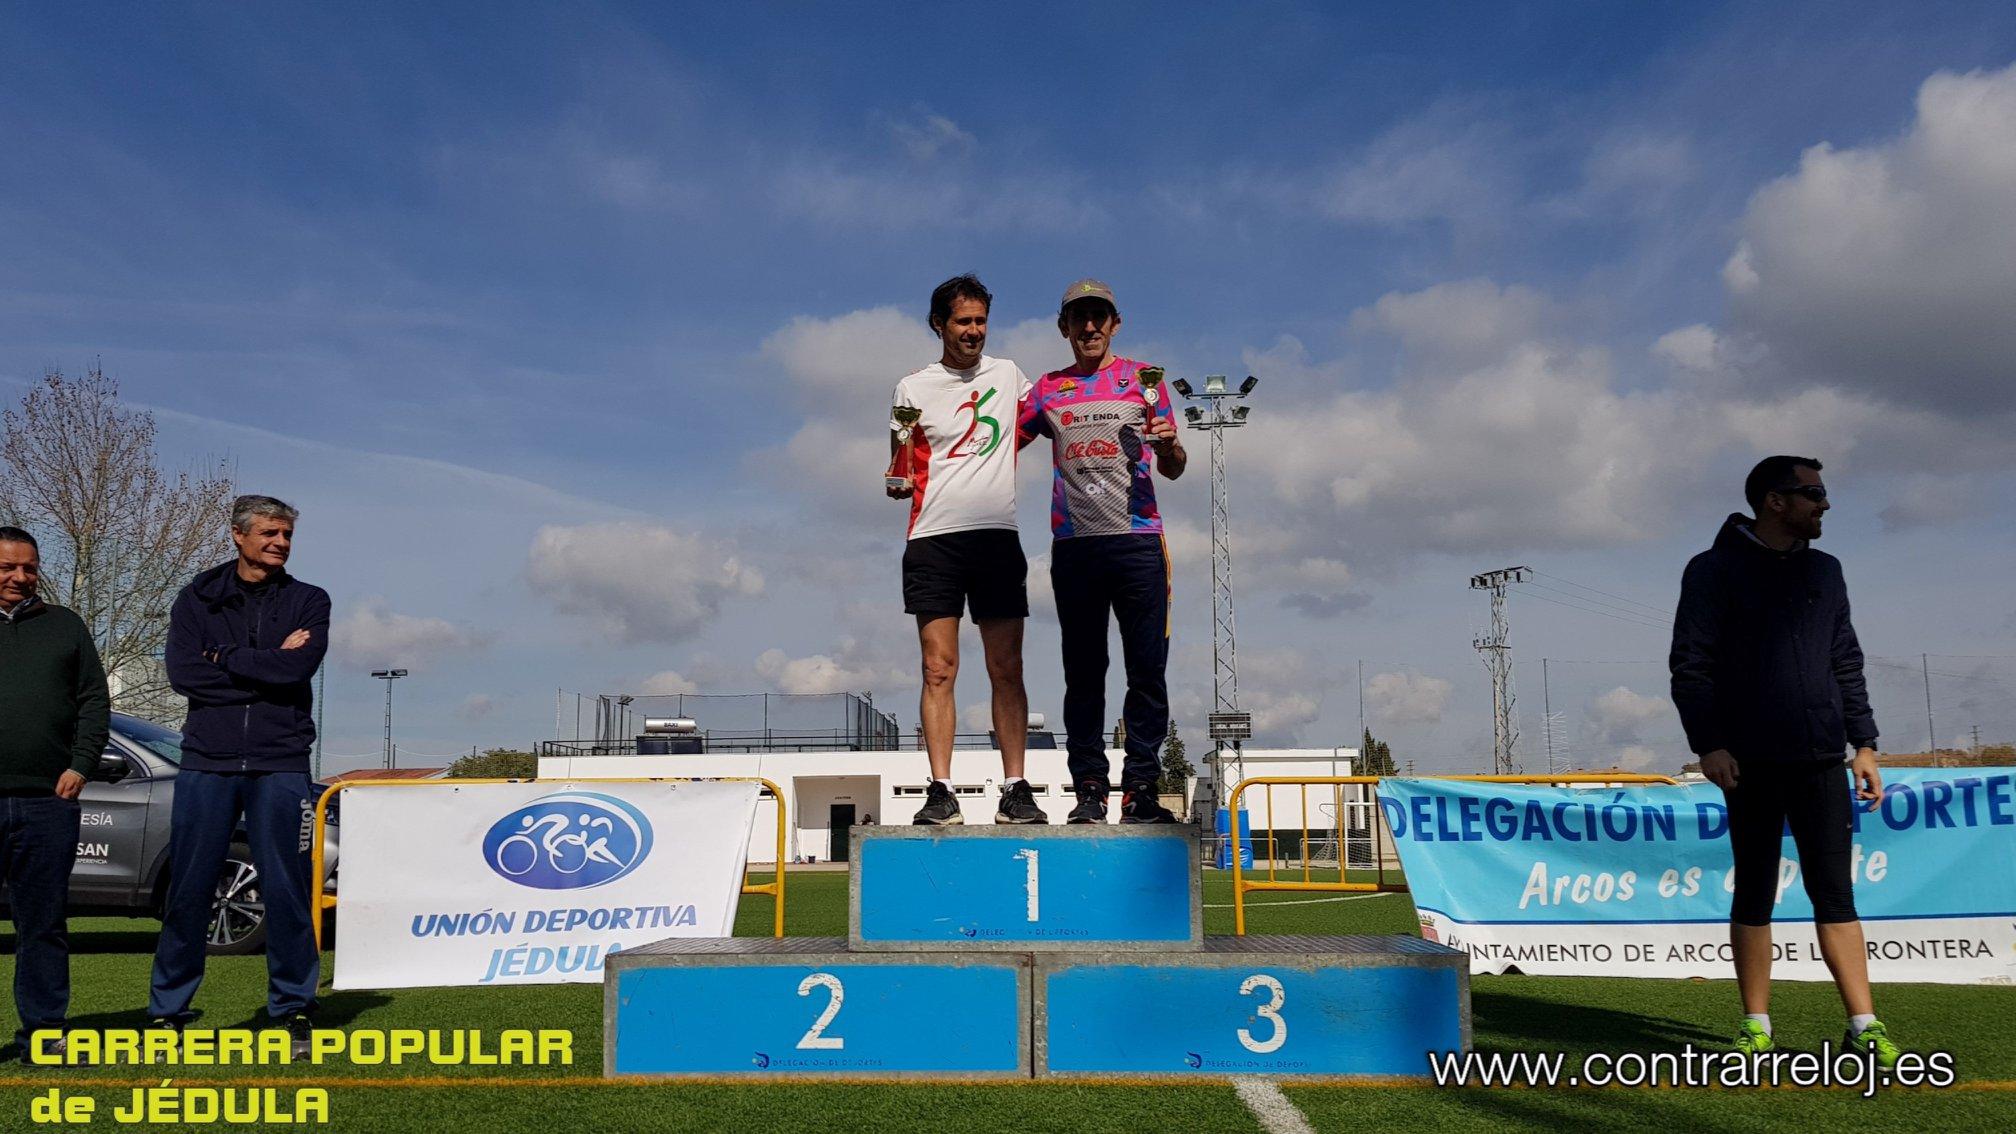 En la «Carrera Popular de Jedula» Antonio Armario venció en su categoría de V/C y Juan Sánchez fue el «8º»